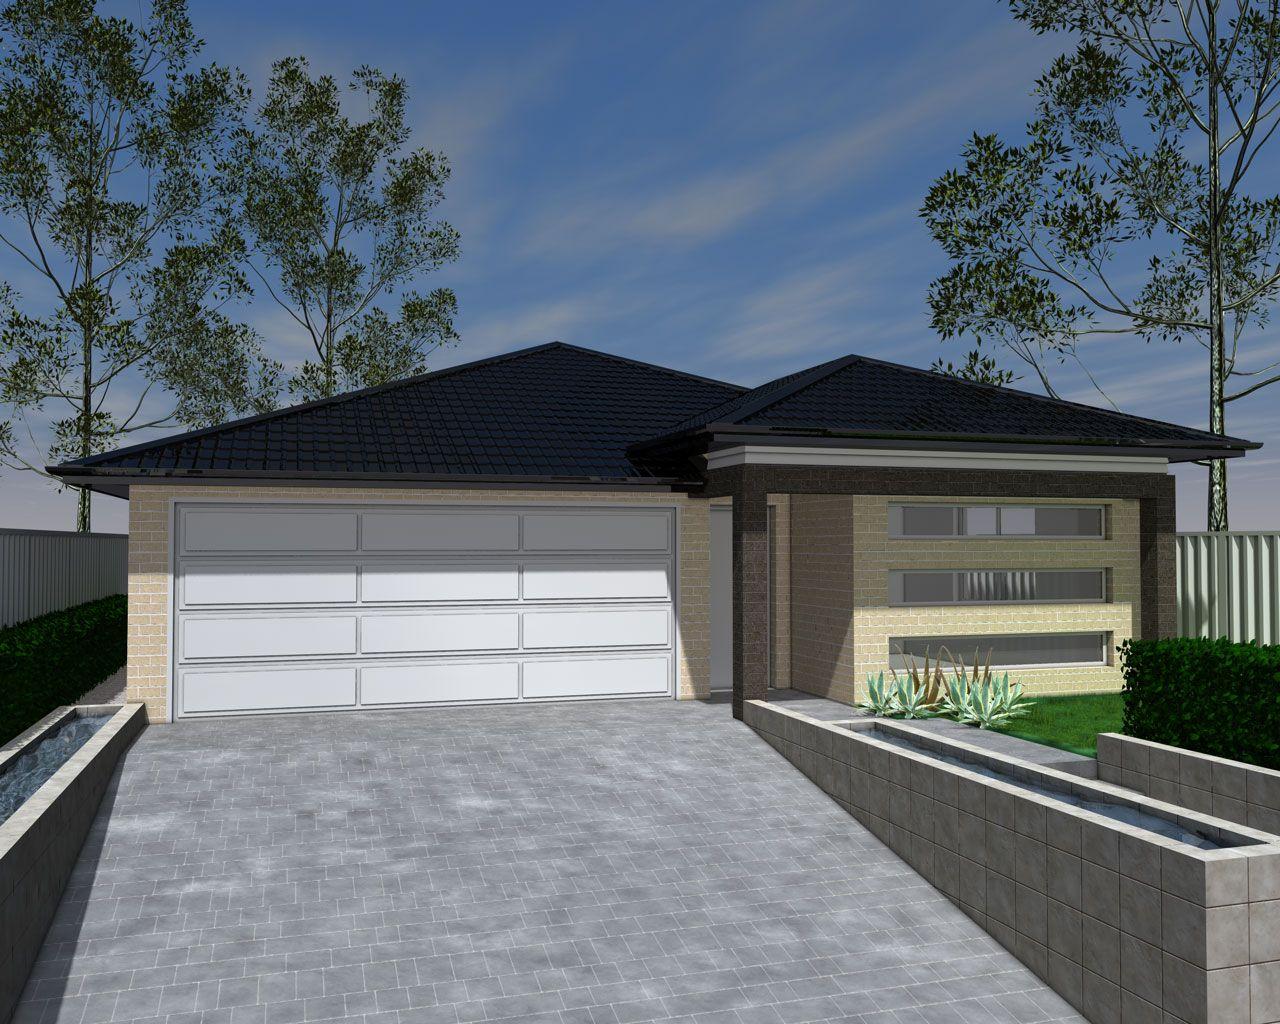 Lot 3003 Kinghorne Street, Gledswood Hills NSW 2557, Image 0